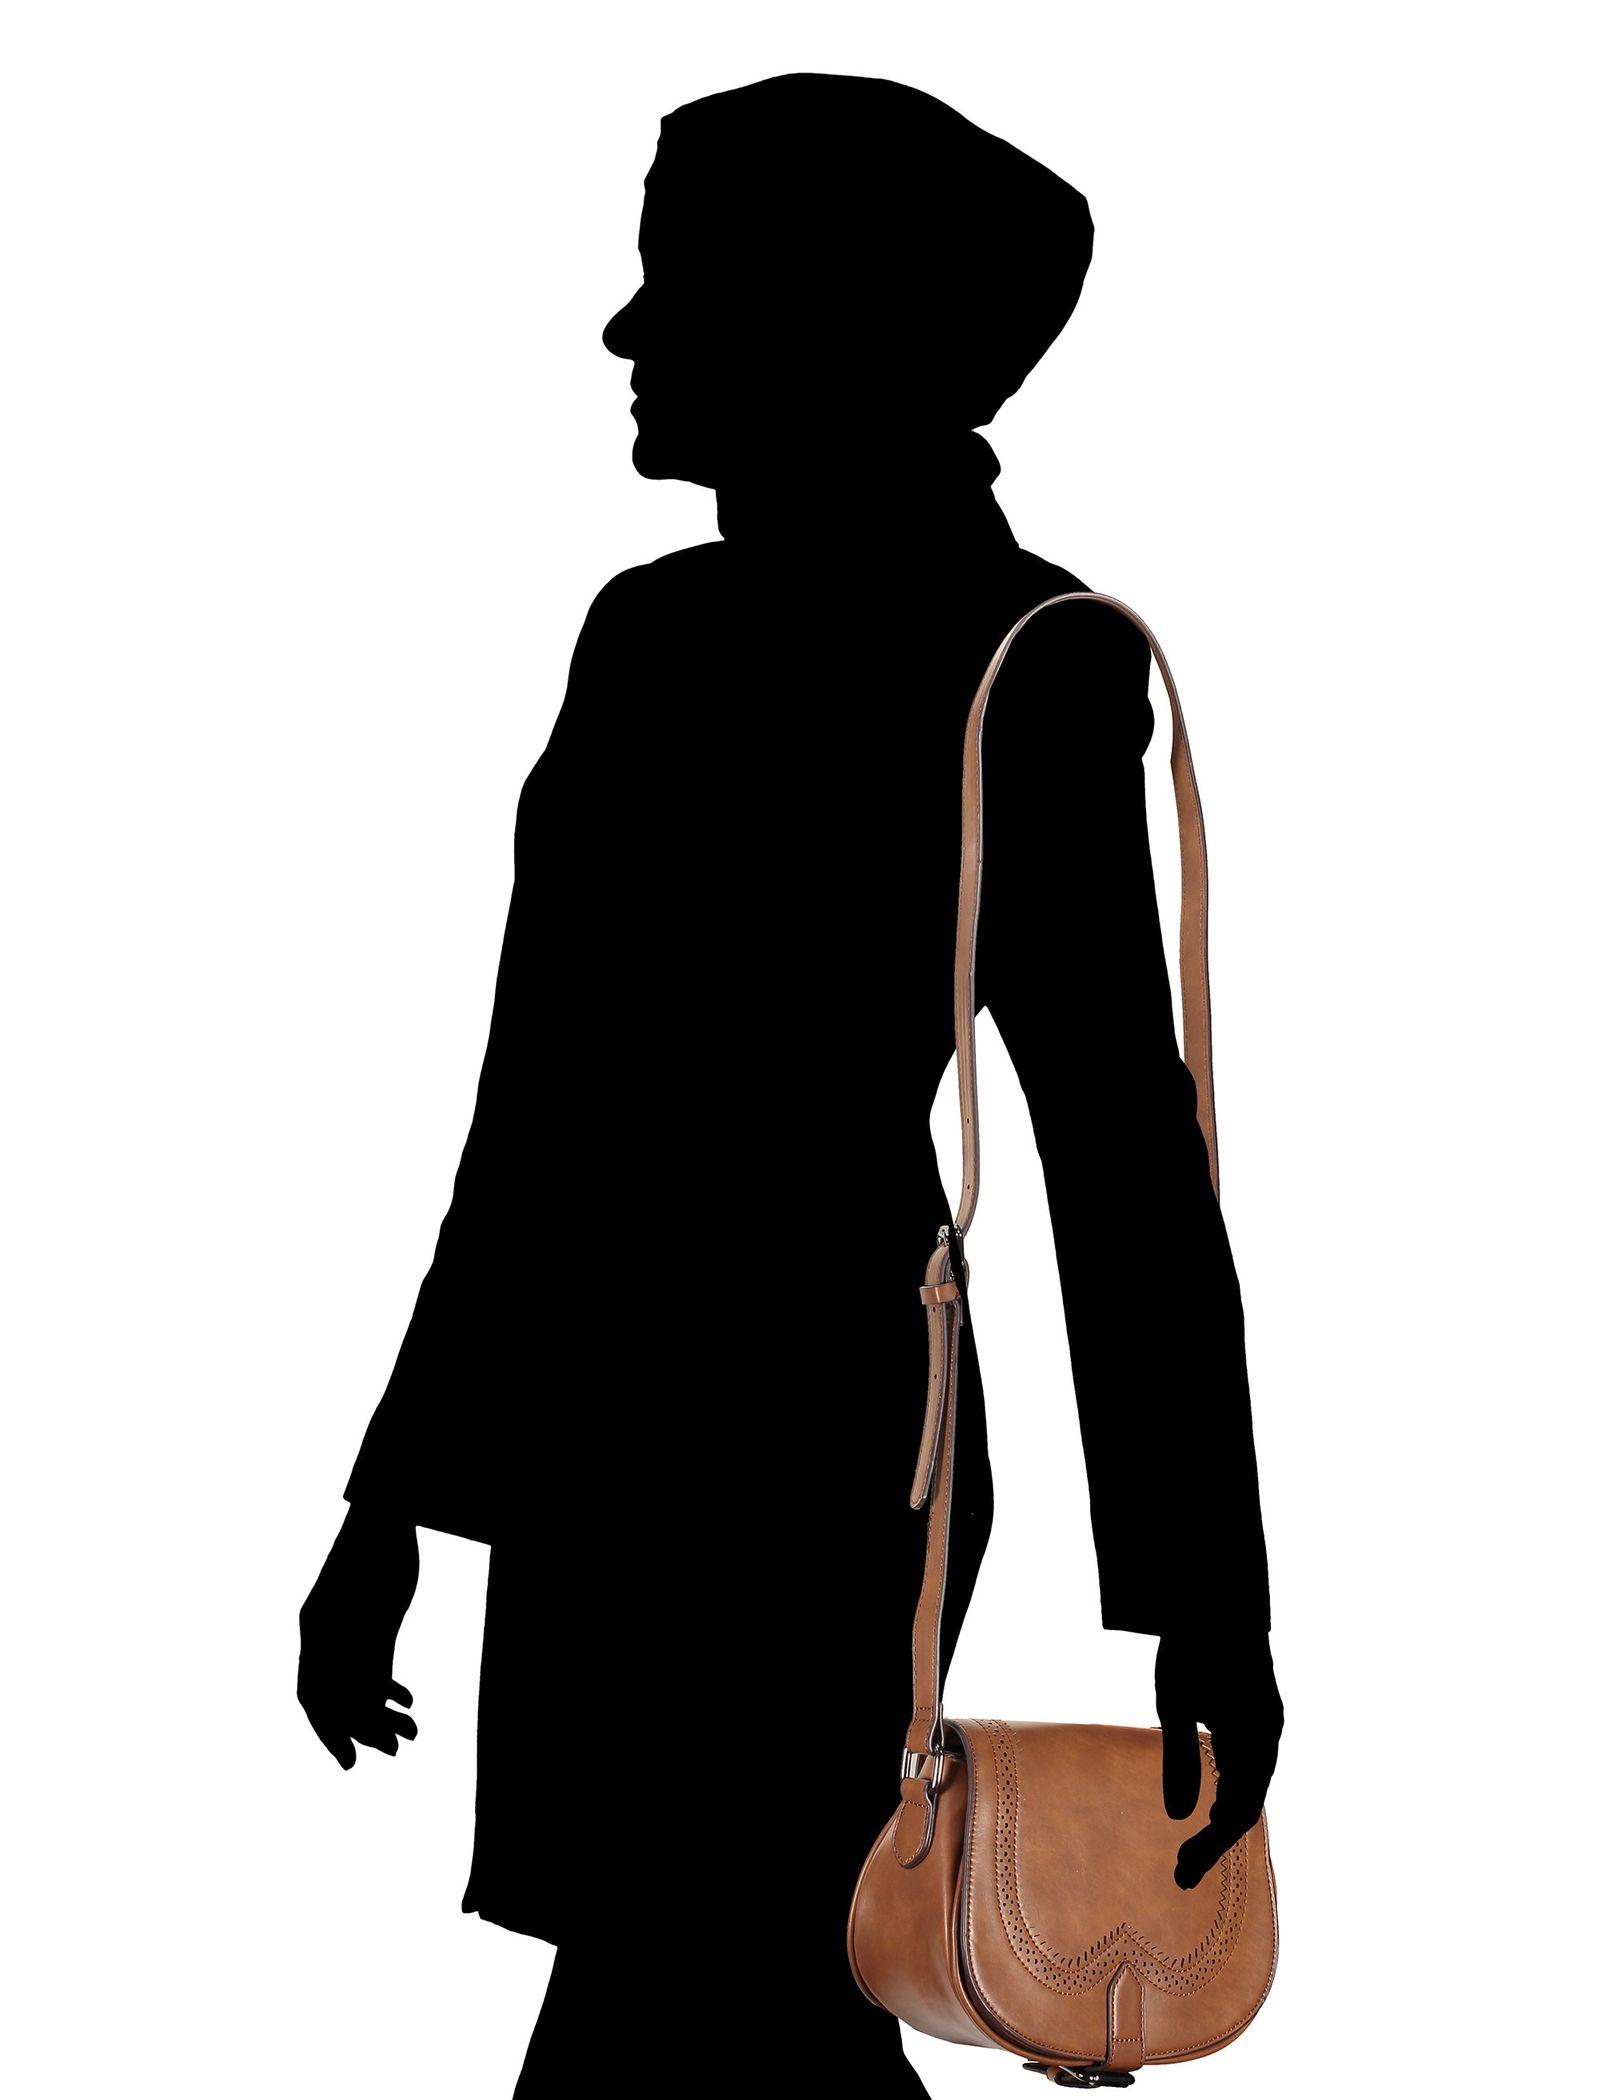 کیف دوشی روزرمره زنانه - باتا - قهوه اي روشن - 8